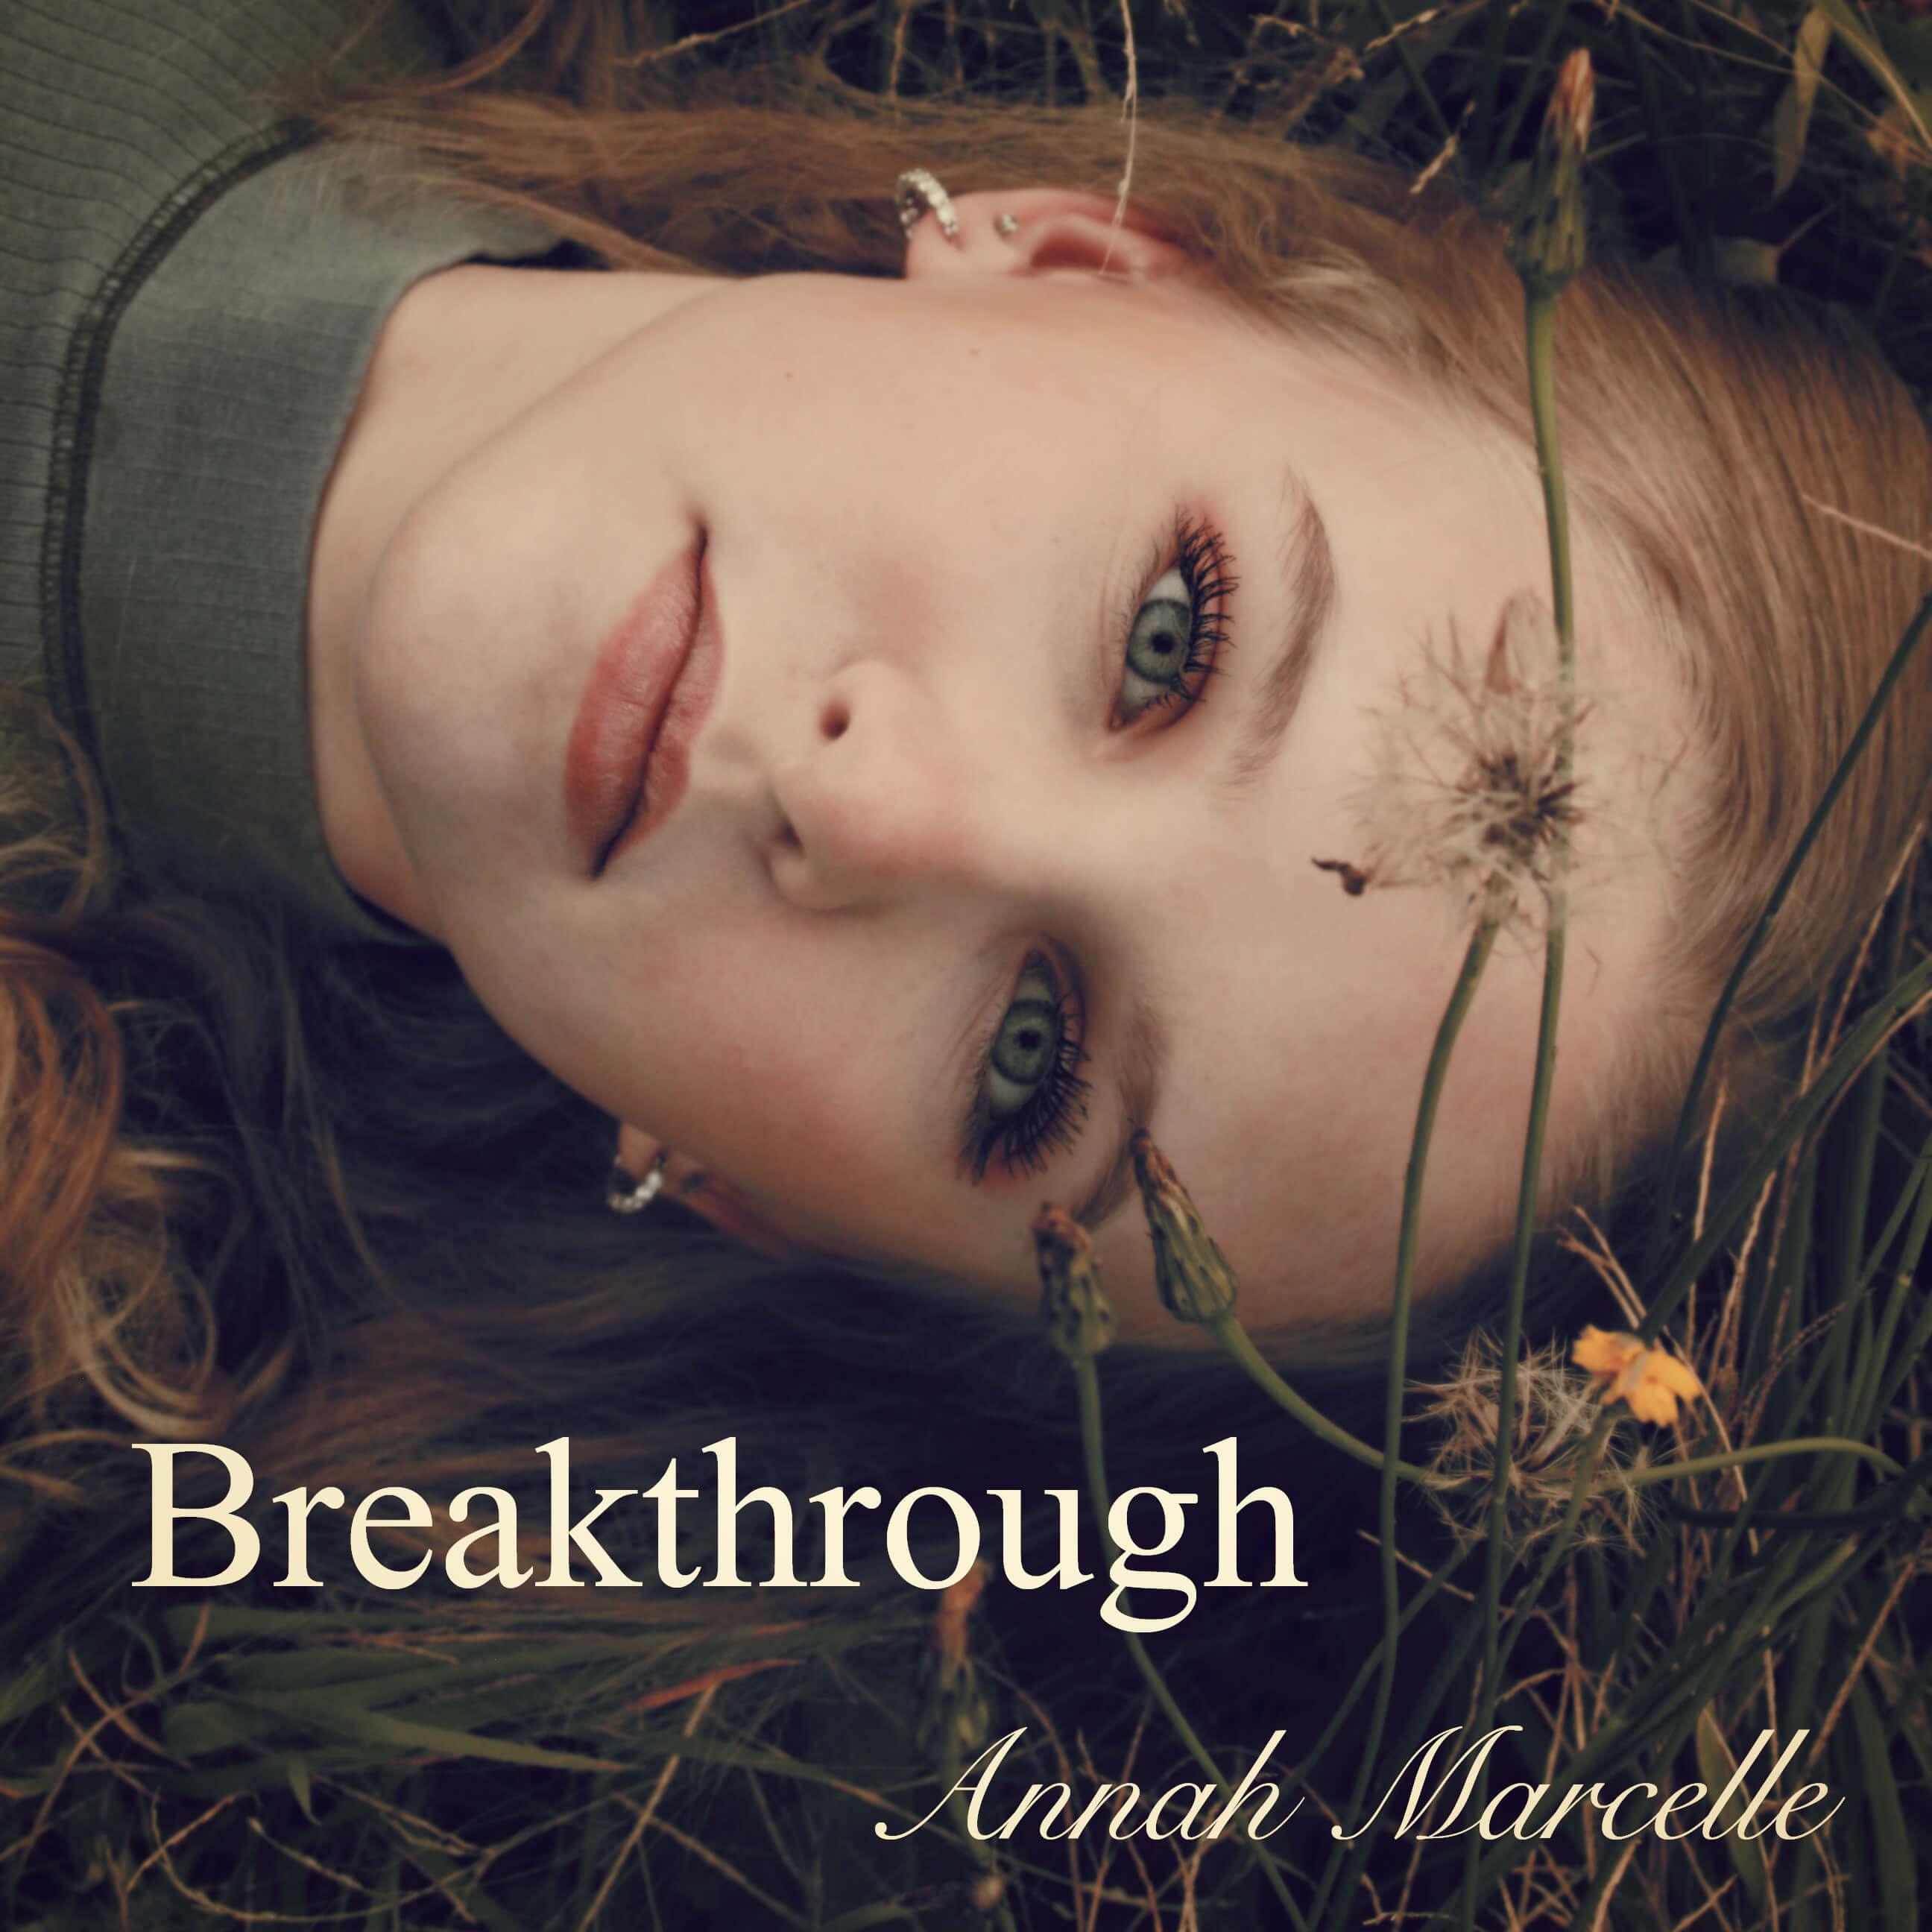 Annah Marcelle